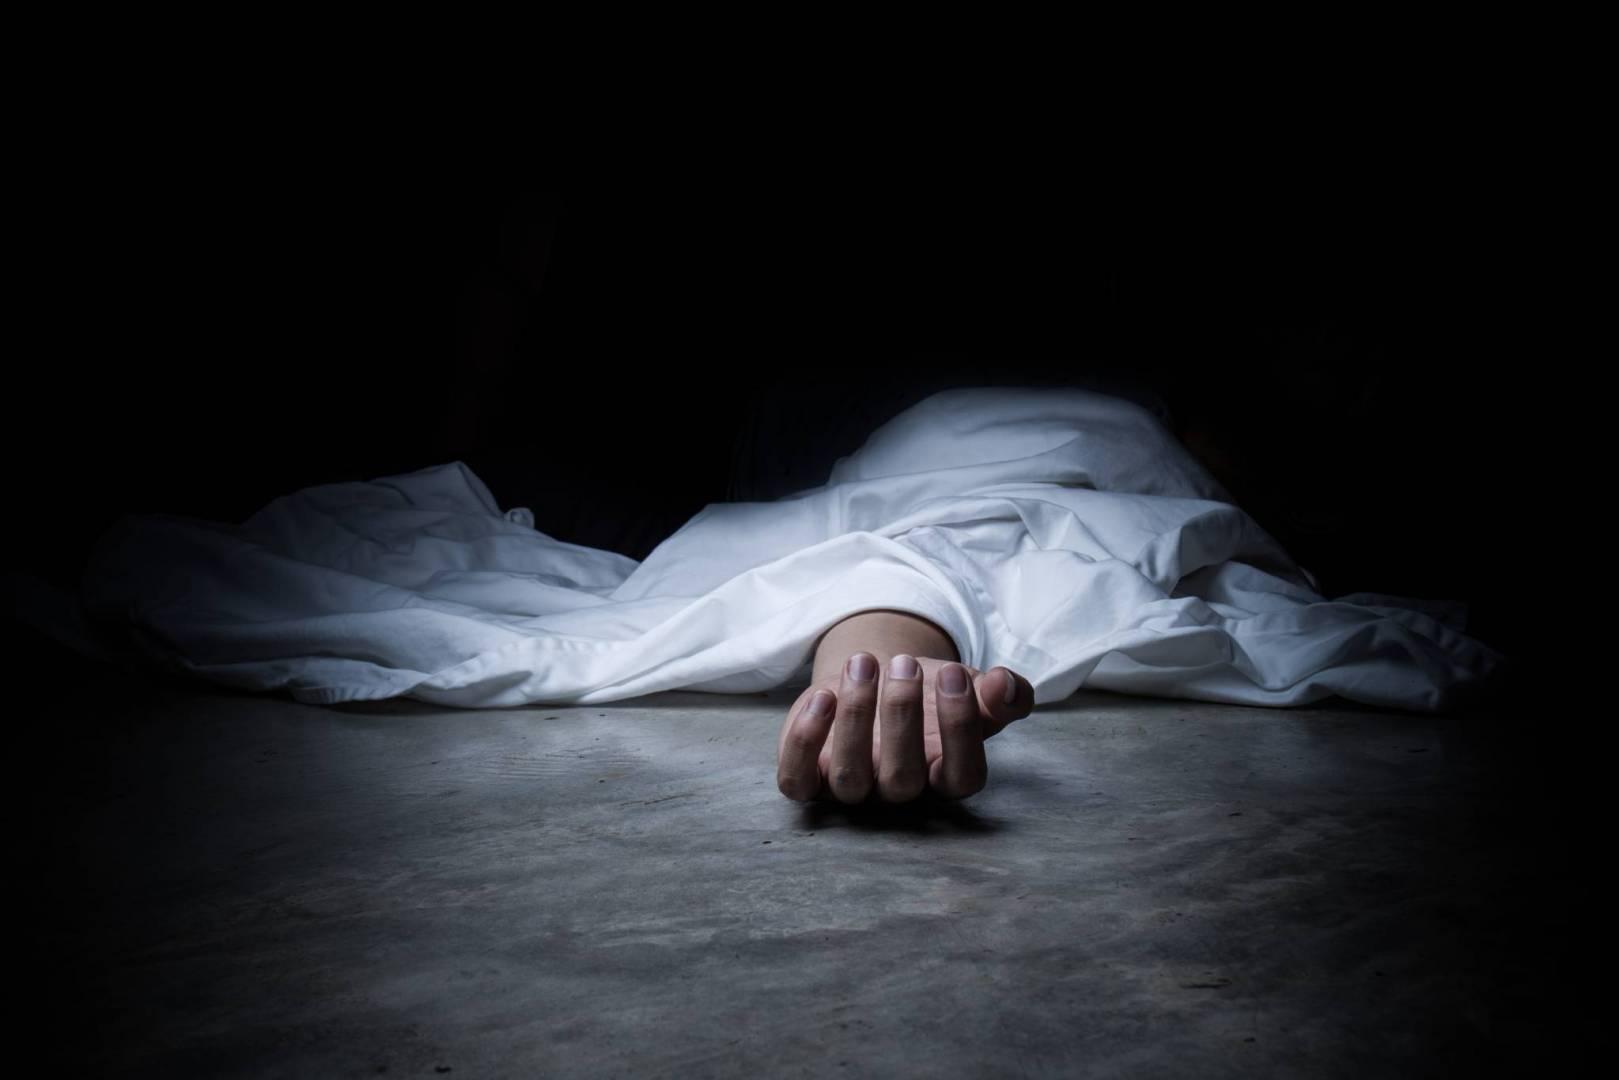 وفاة خريجة في كلية الطب إثر نوبة قلبية مفاجئة